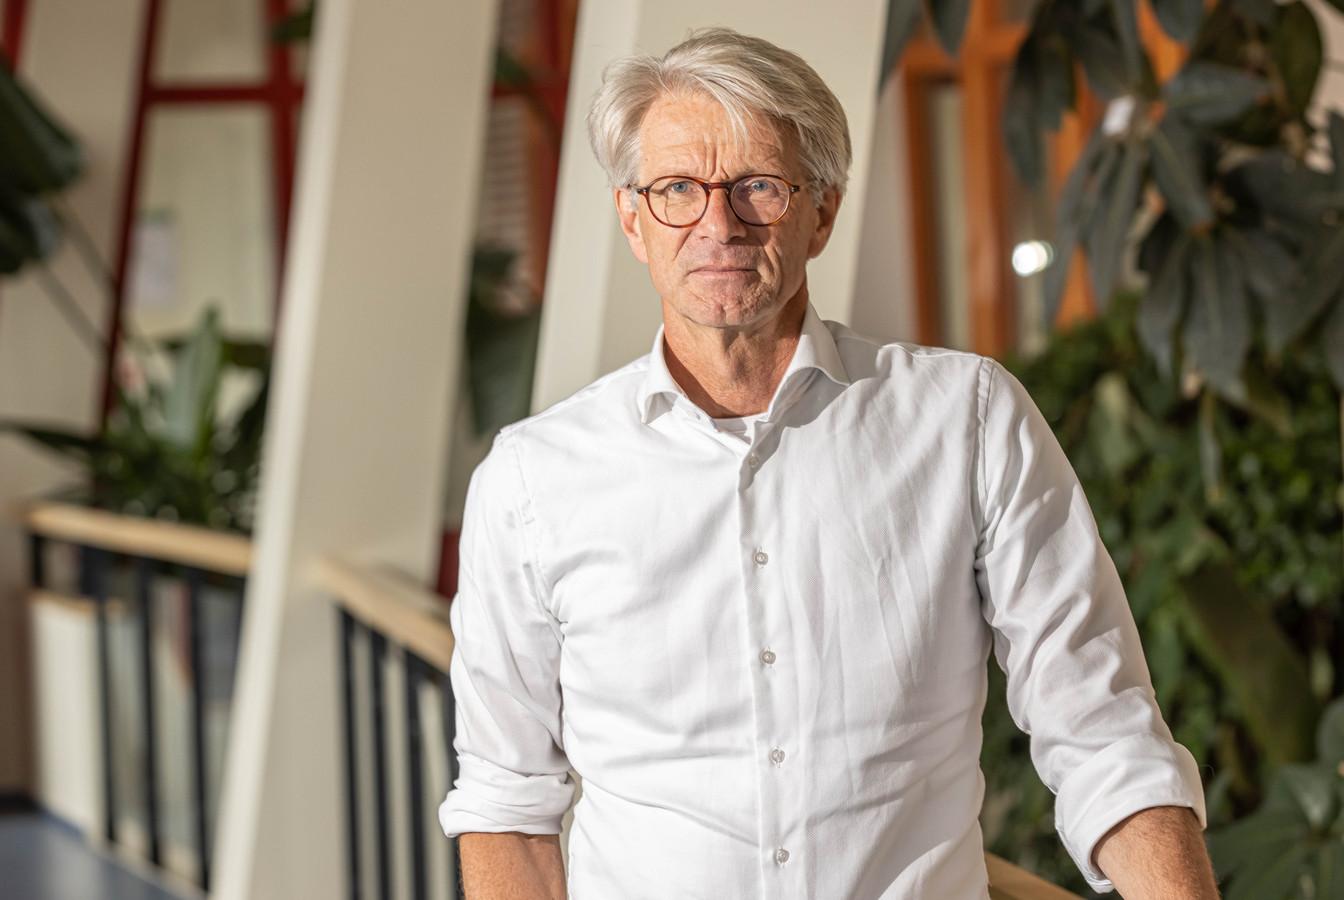 Rob Dillmann, topman van ziekenhuis Isala over de inhaalzorg: ,,We zullen hier nog wel tot halverwege 2022 mee bezig zijn.''